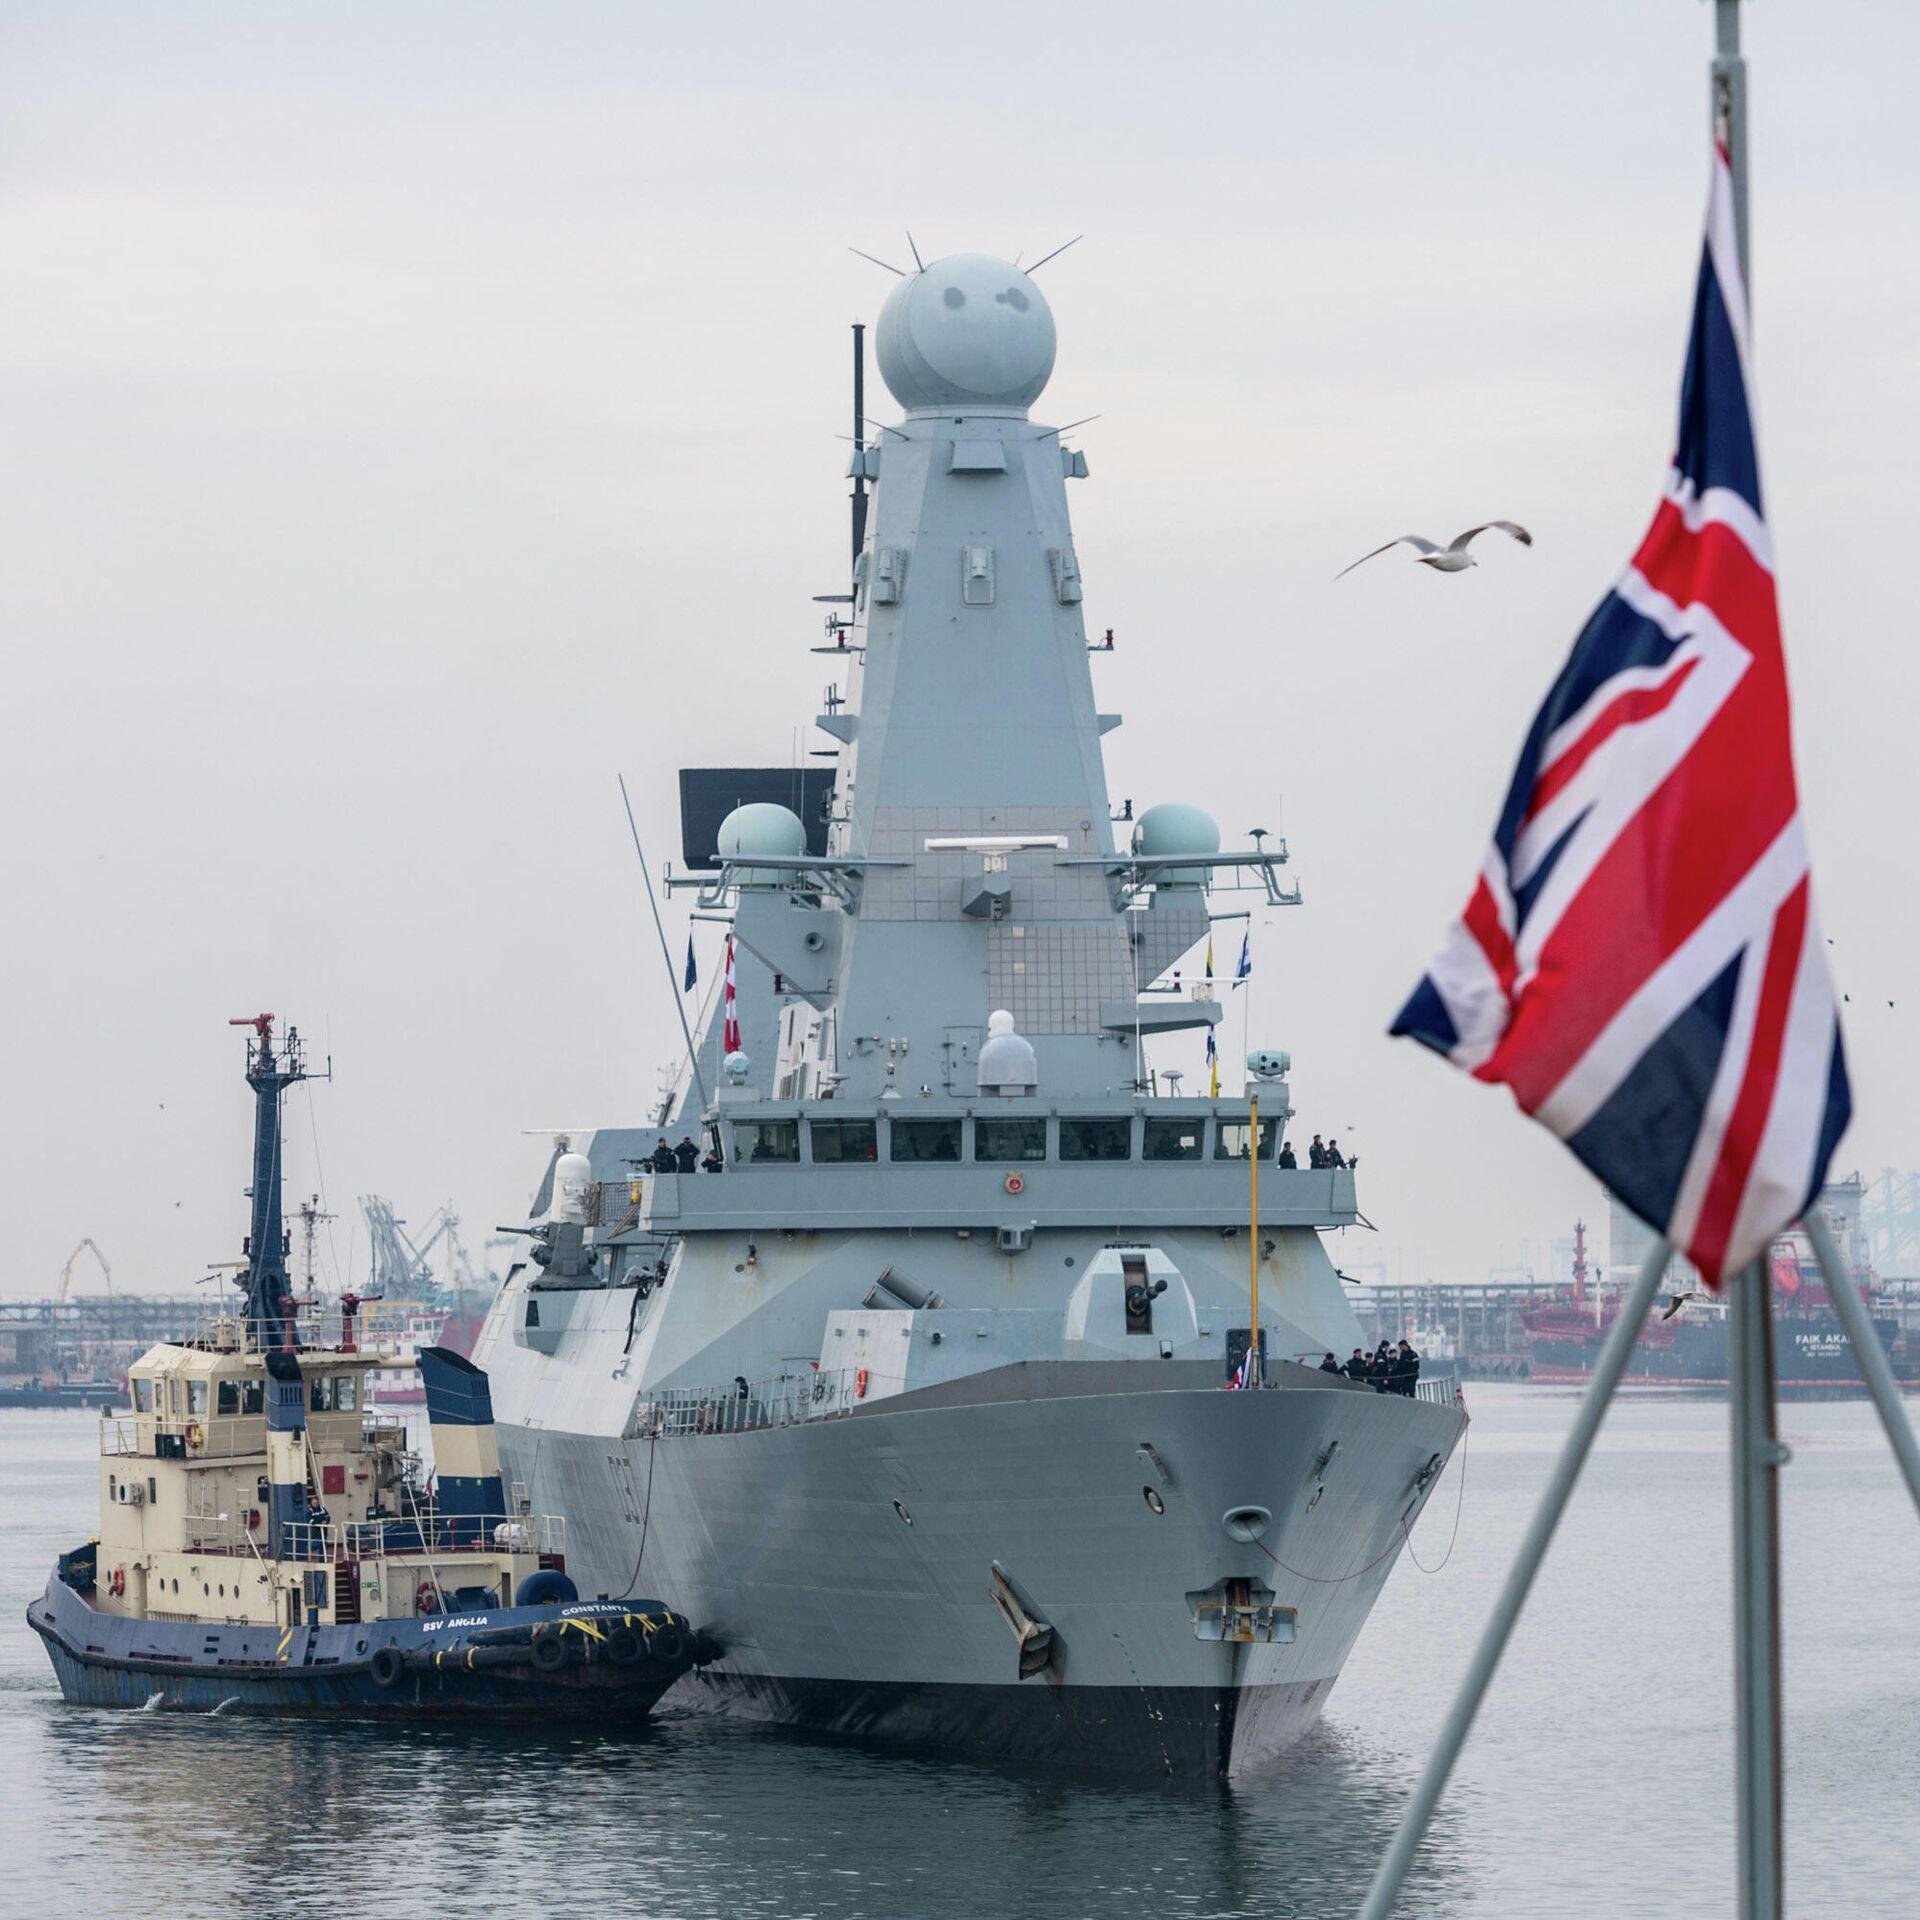 В МИД прокомментировали заход военных кораблей Британии в Черное море - РИА  Новости, 20.04.2021